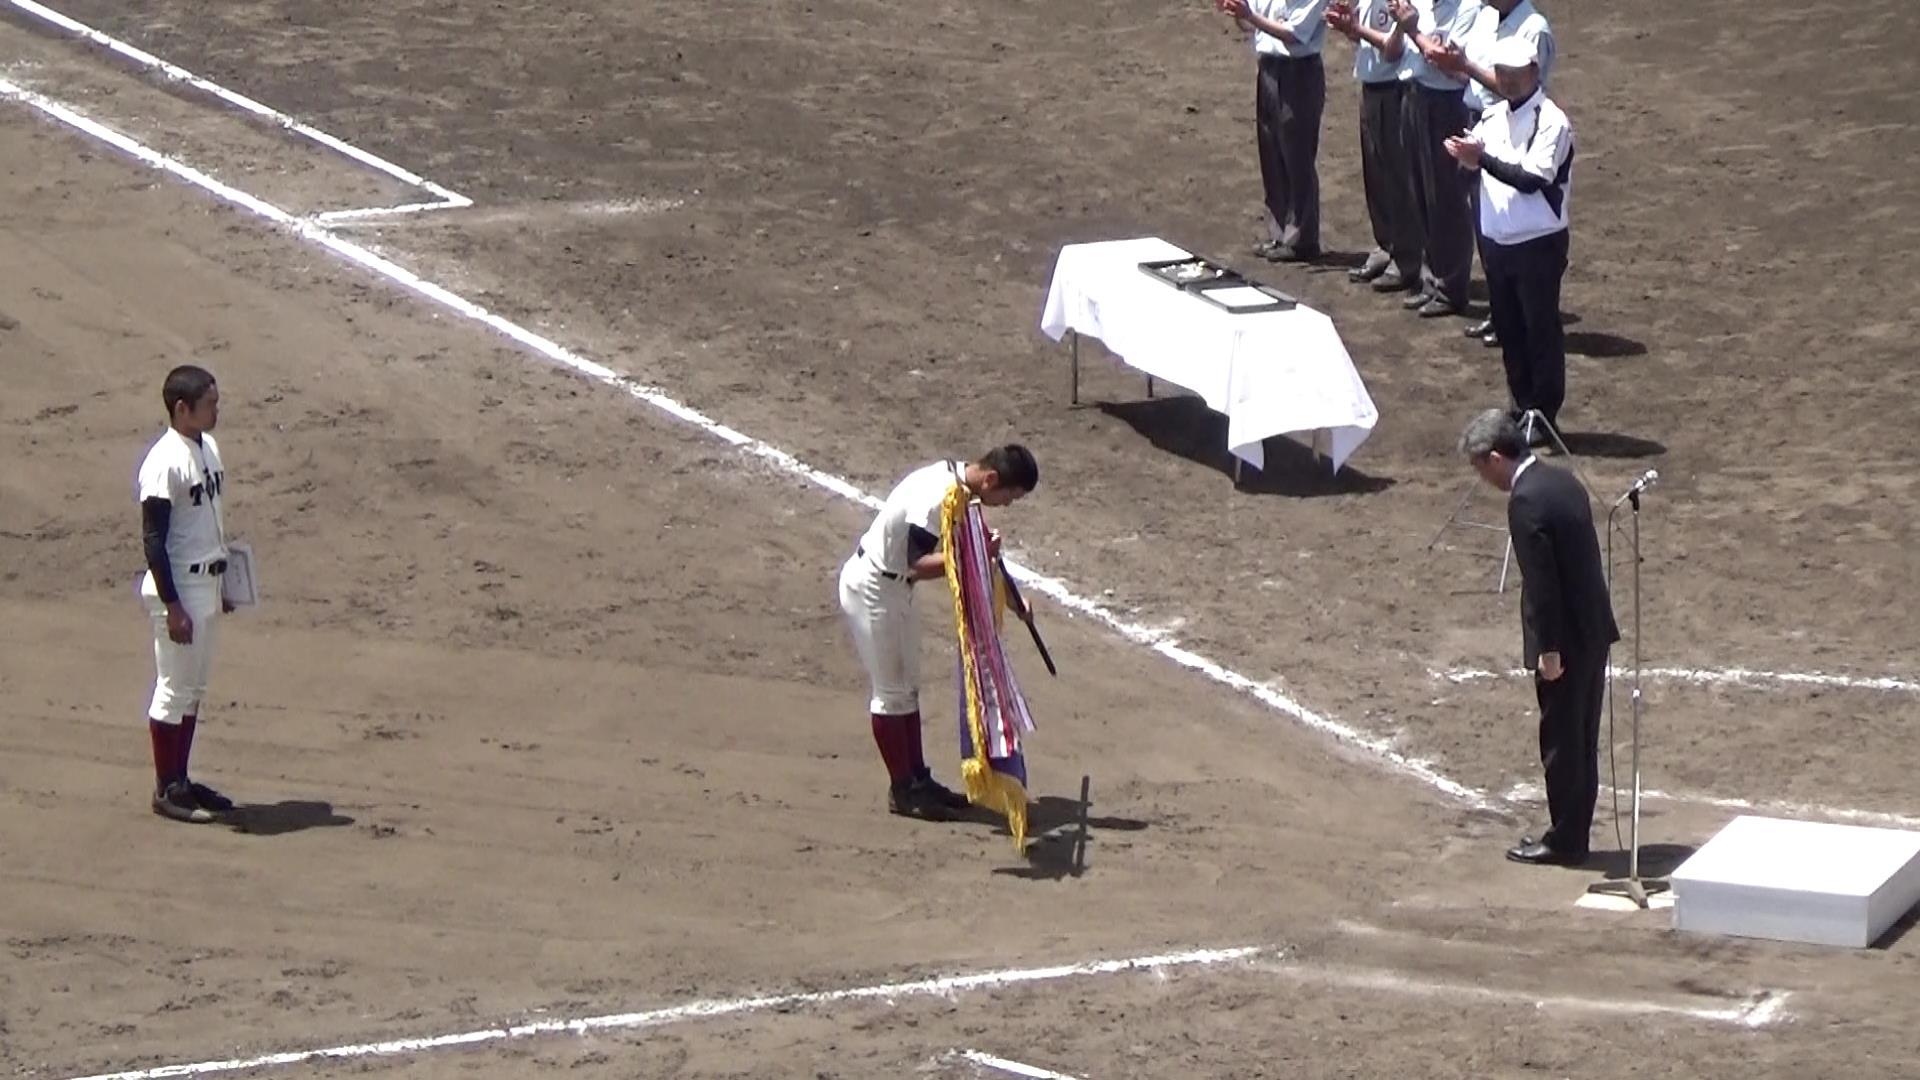 大阪 予選 野球 組み合わせ 高校